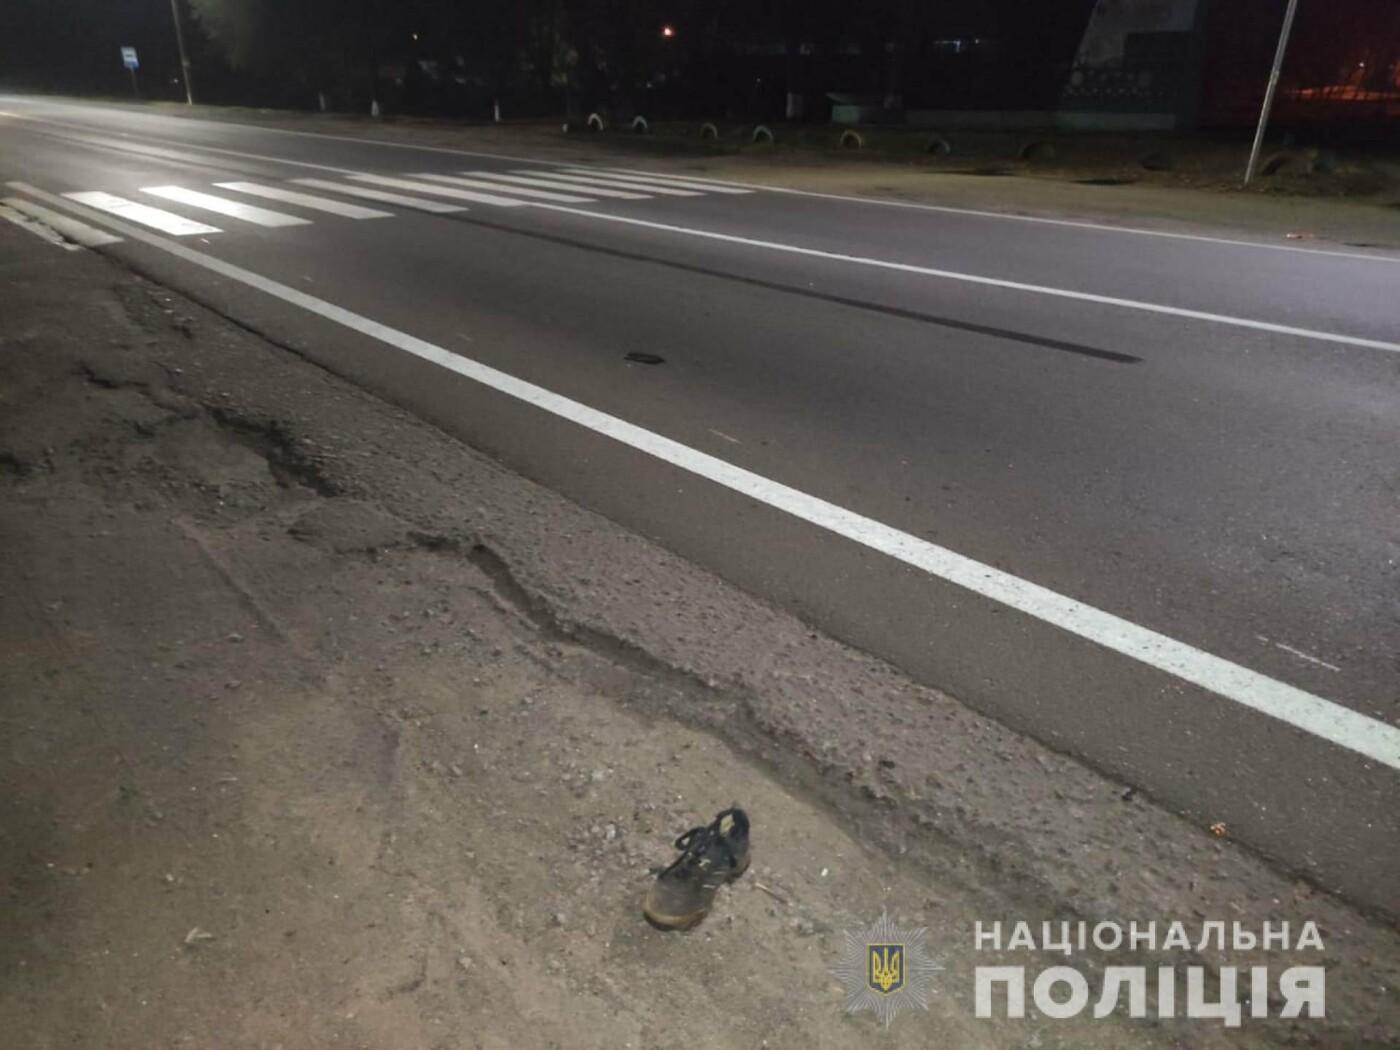 В Мерефе водитель насмерть сбил пенсионера на пешеходном переходе, - ФОТО, фото-2